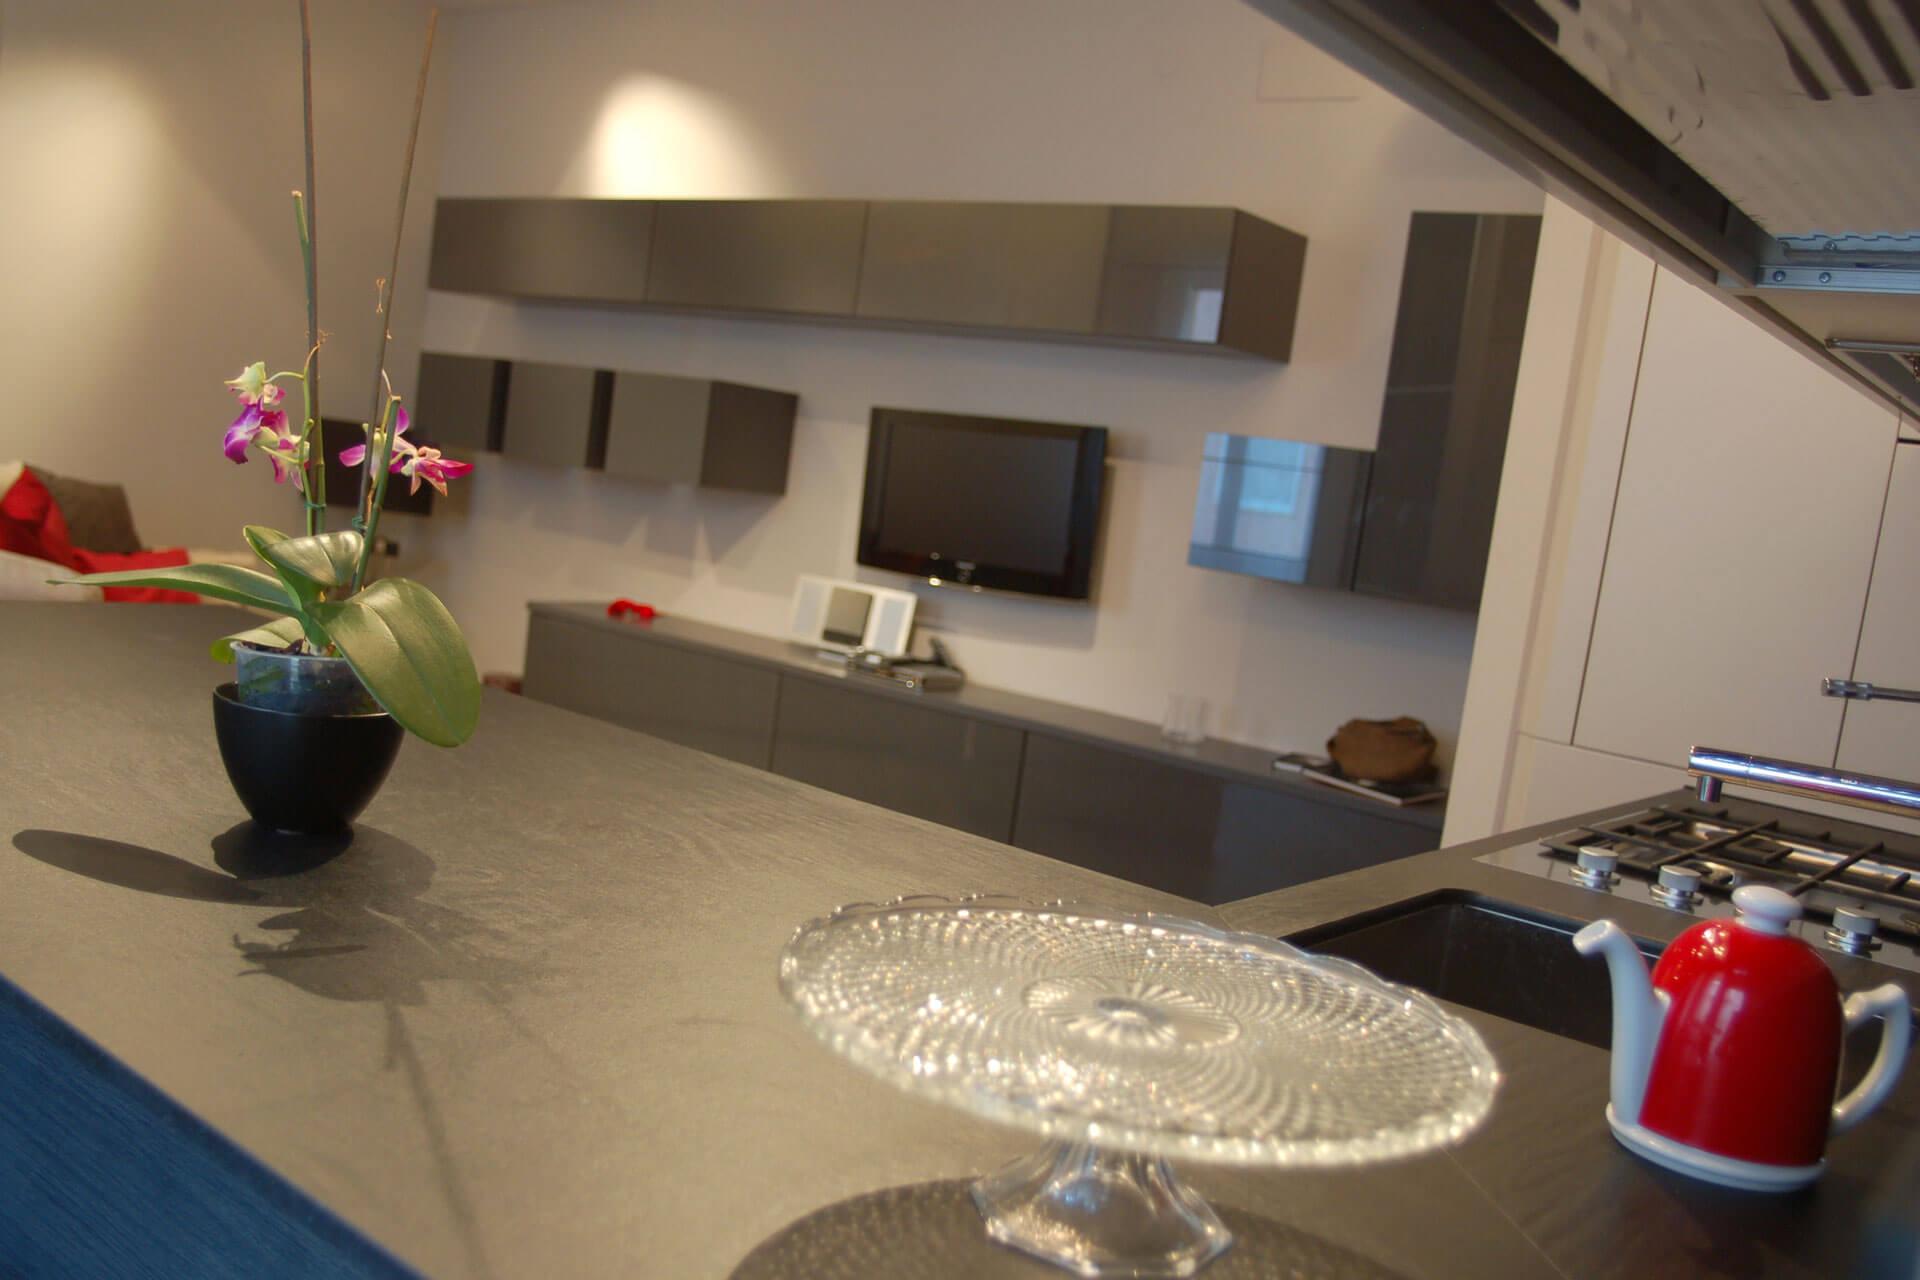 micaela-mazzoni-studio-interior-designer-bologna-progetti-abitativi-gallery-appartamento-bologna-via-lame-3